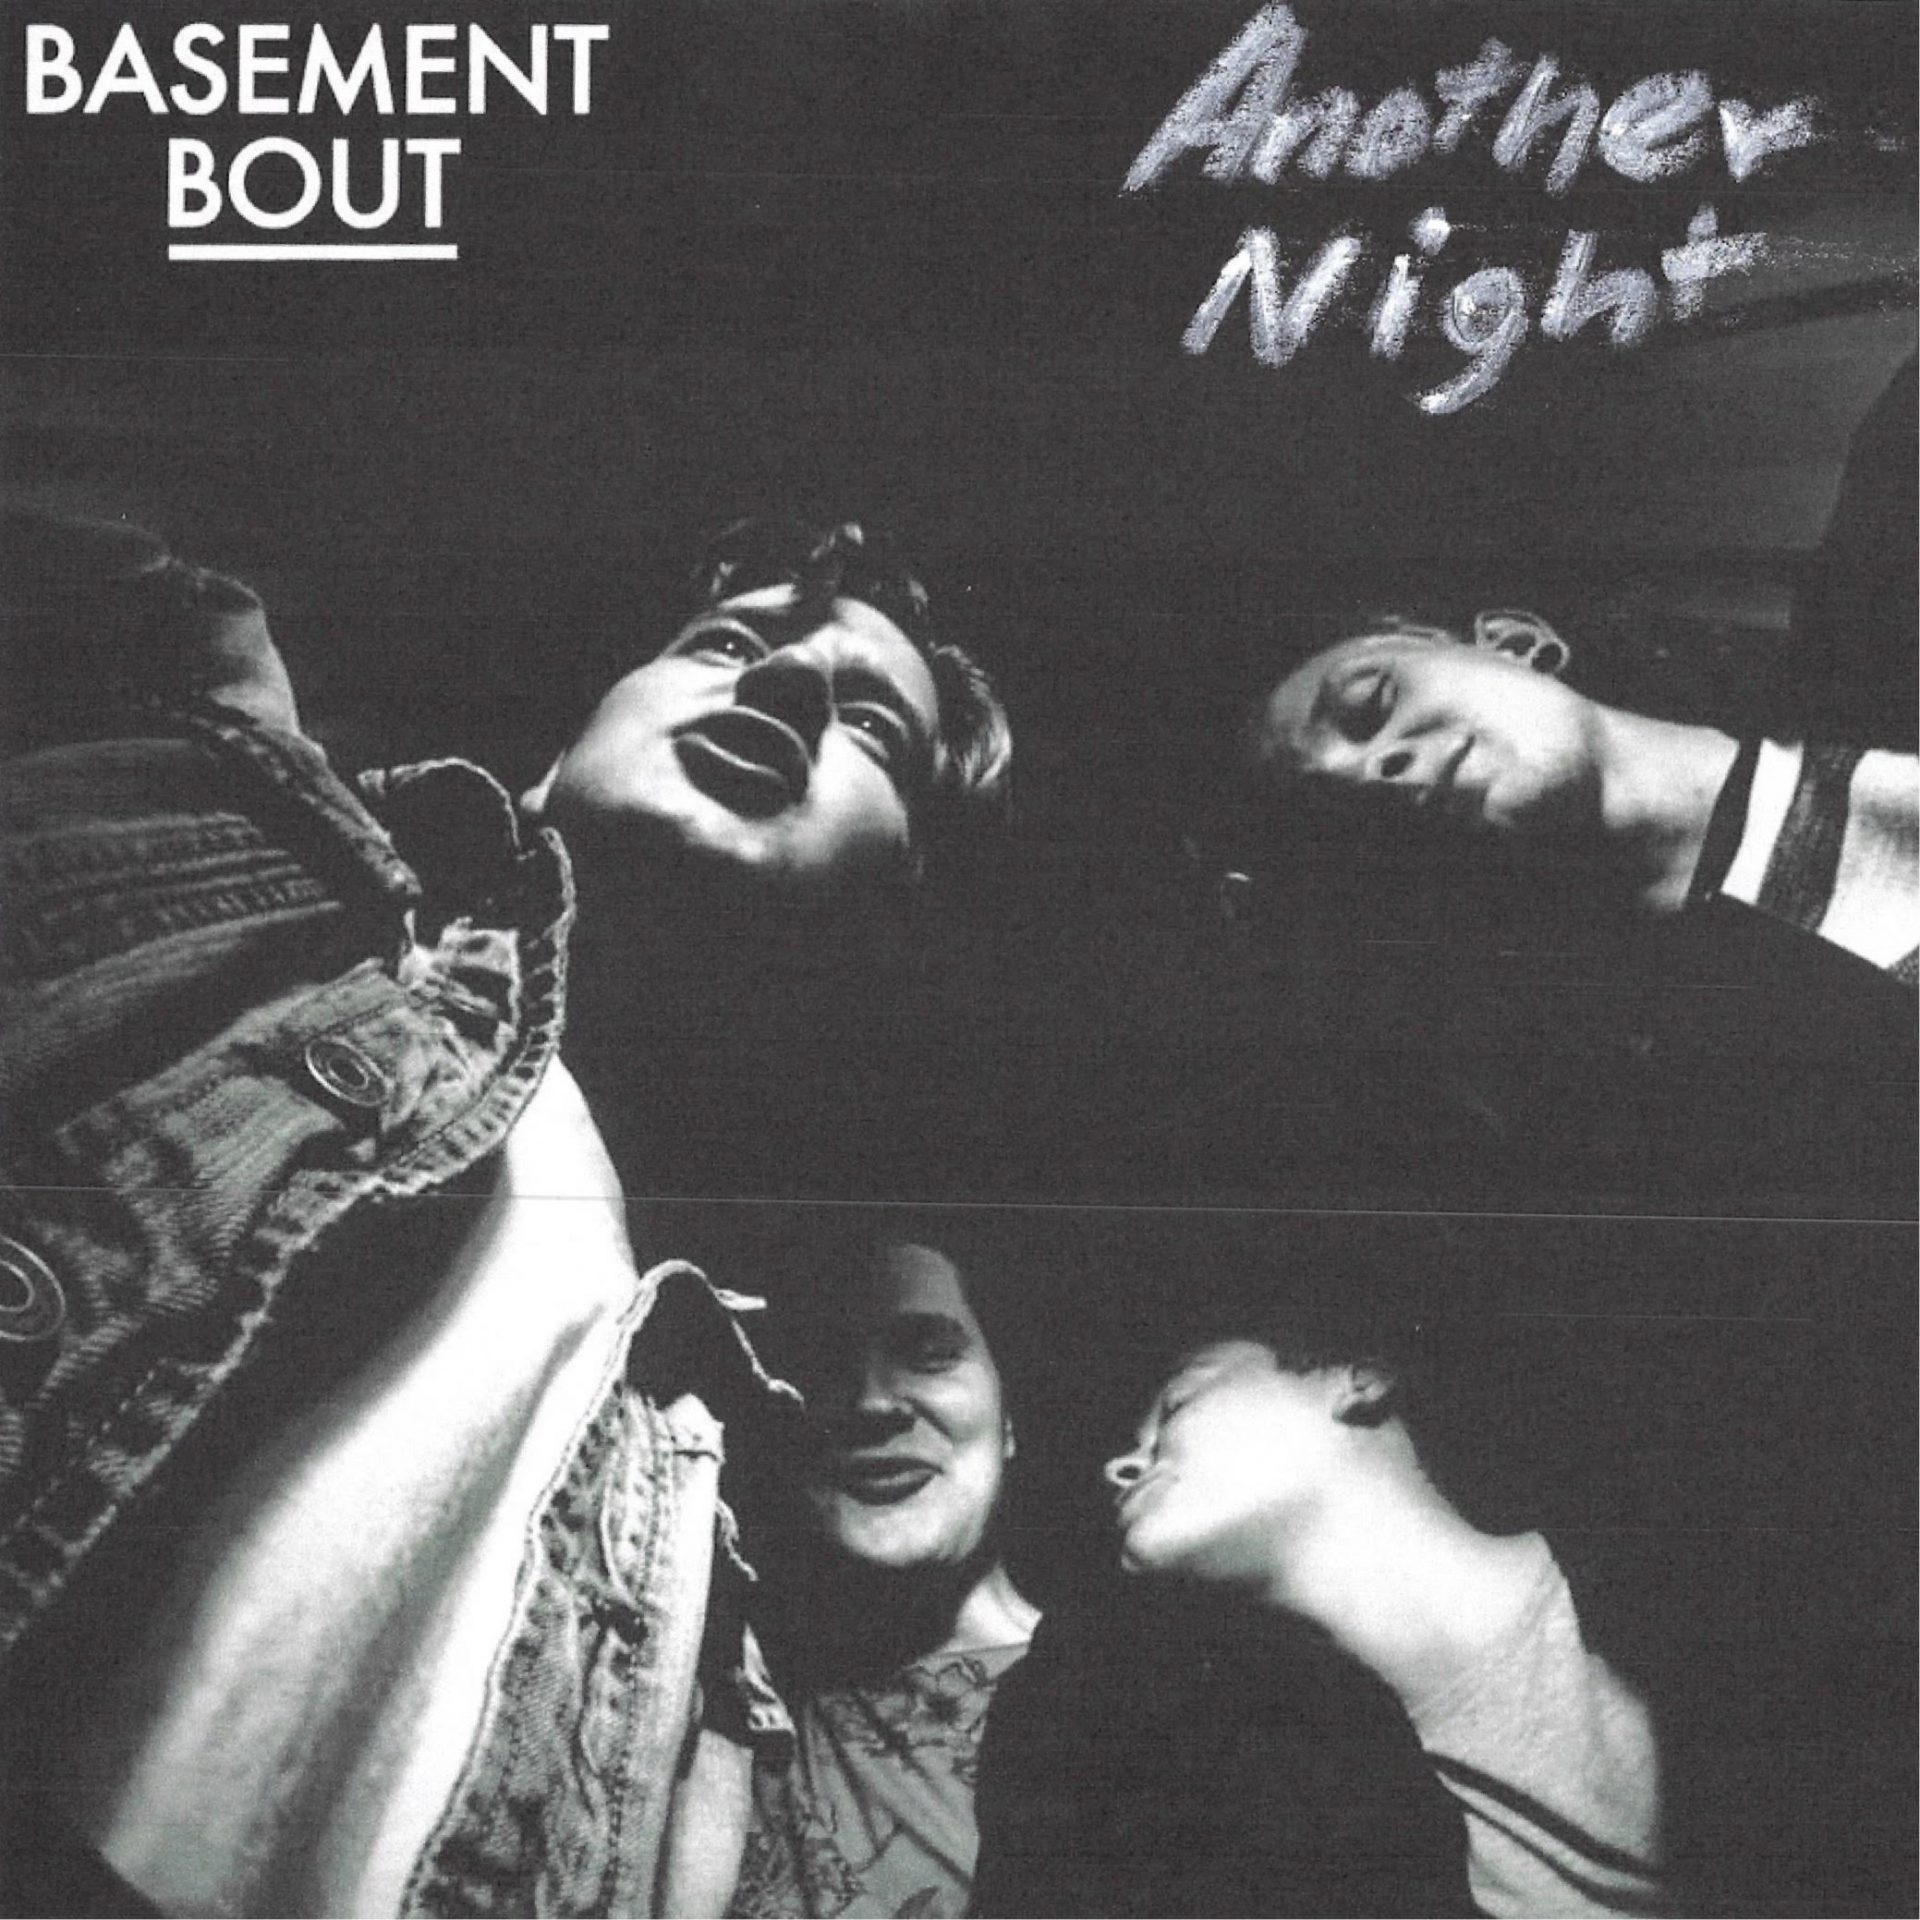 basement bout